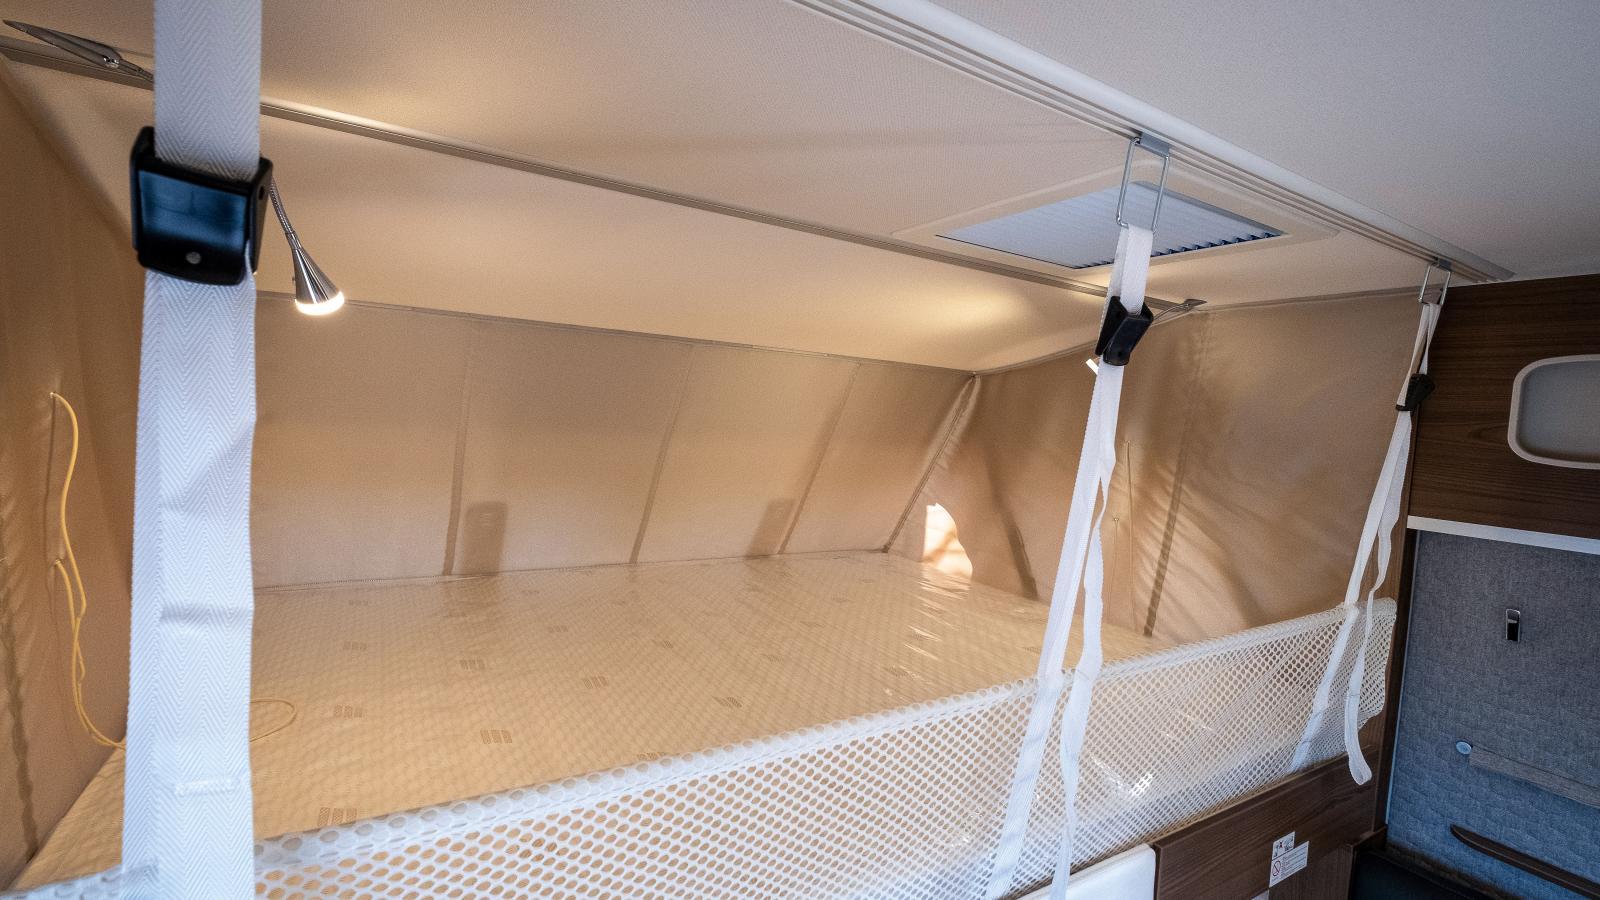 Den nedsänkbara gästsängen ovanför förarhytten kan extrautrustas med två utdragbara delar som ger långbäddsmöjlighet.